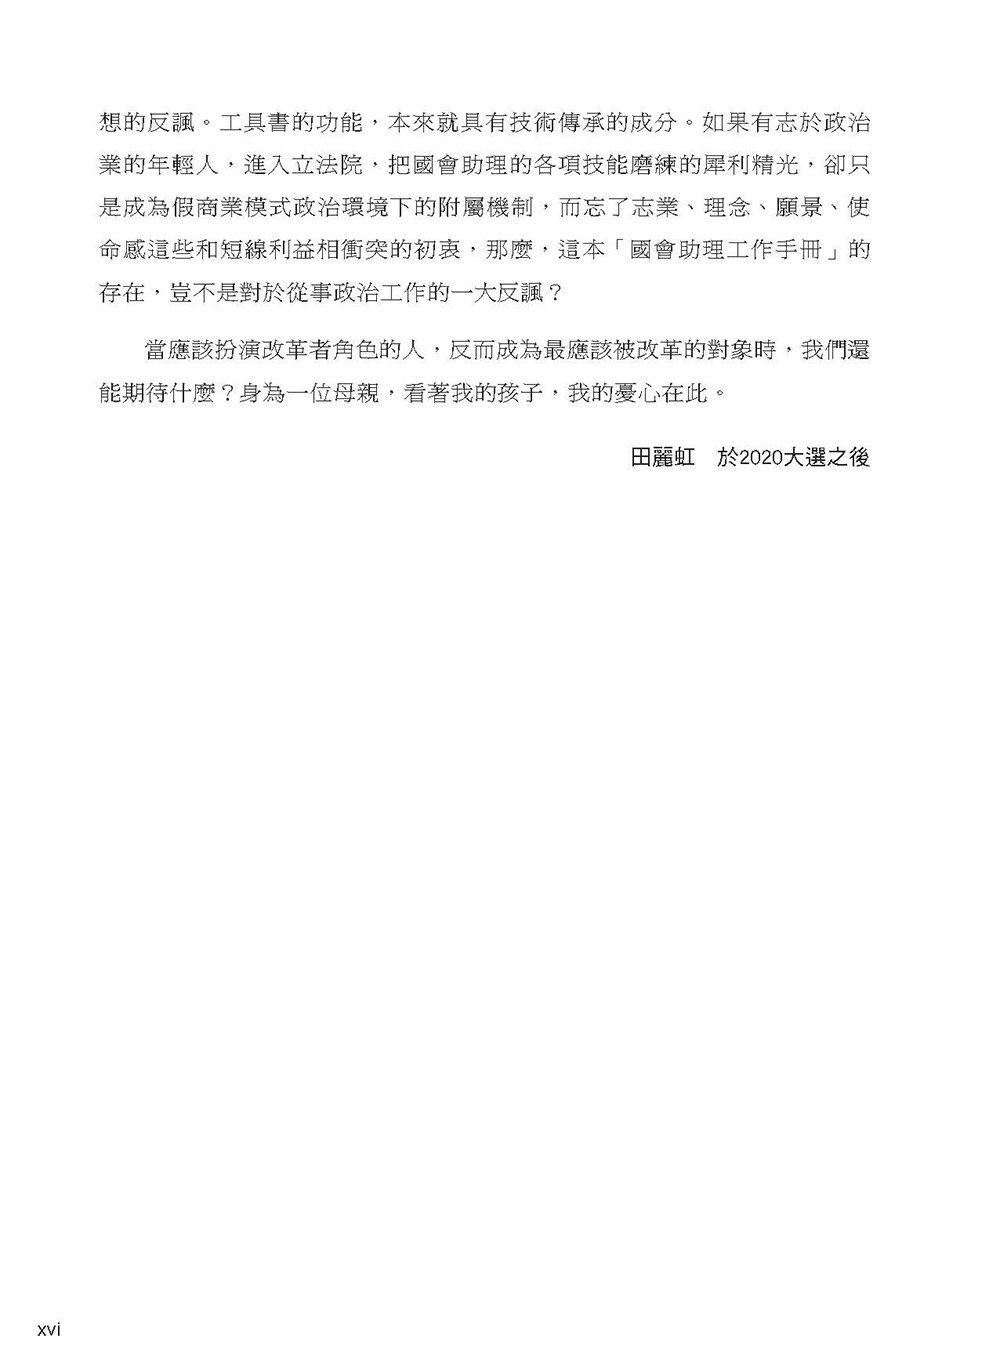 國會助理工作手冊 (最新增補版)-preview-5